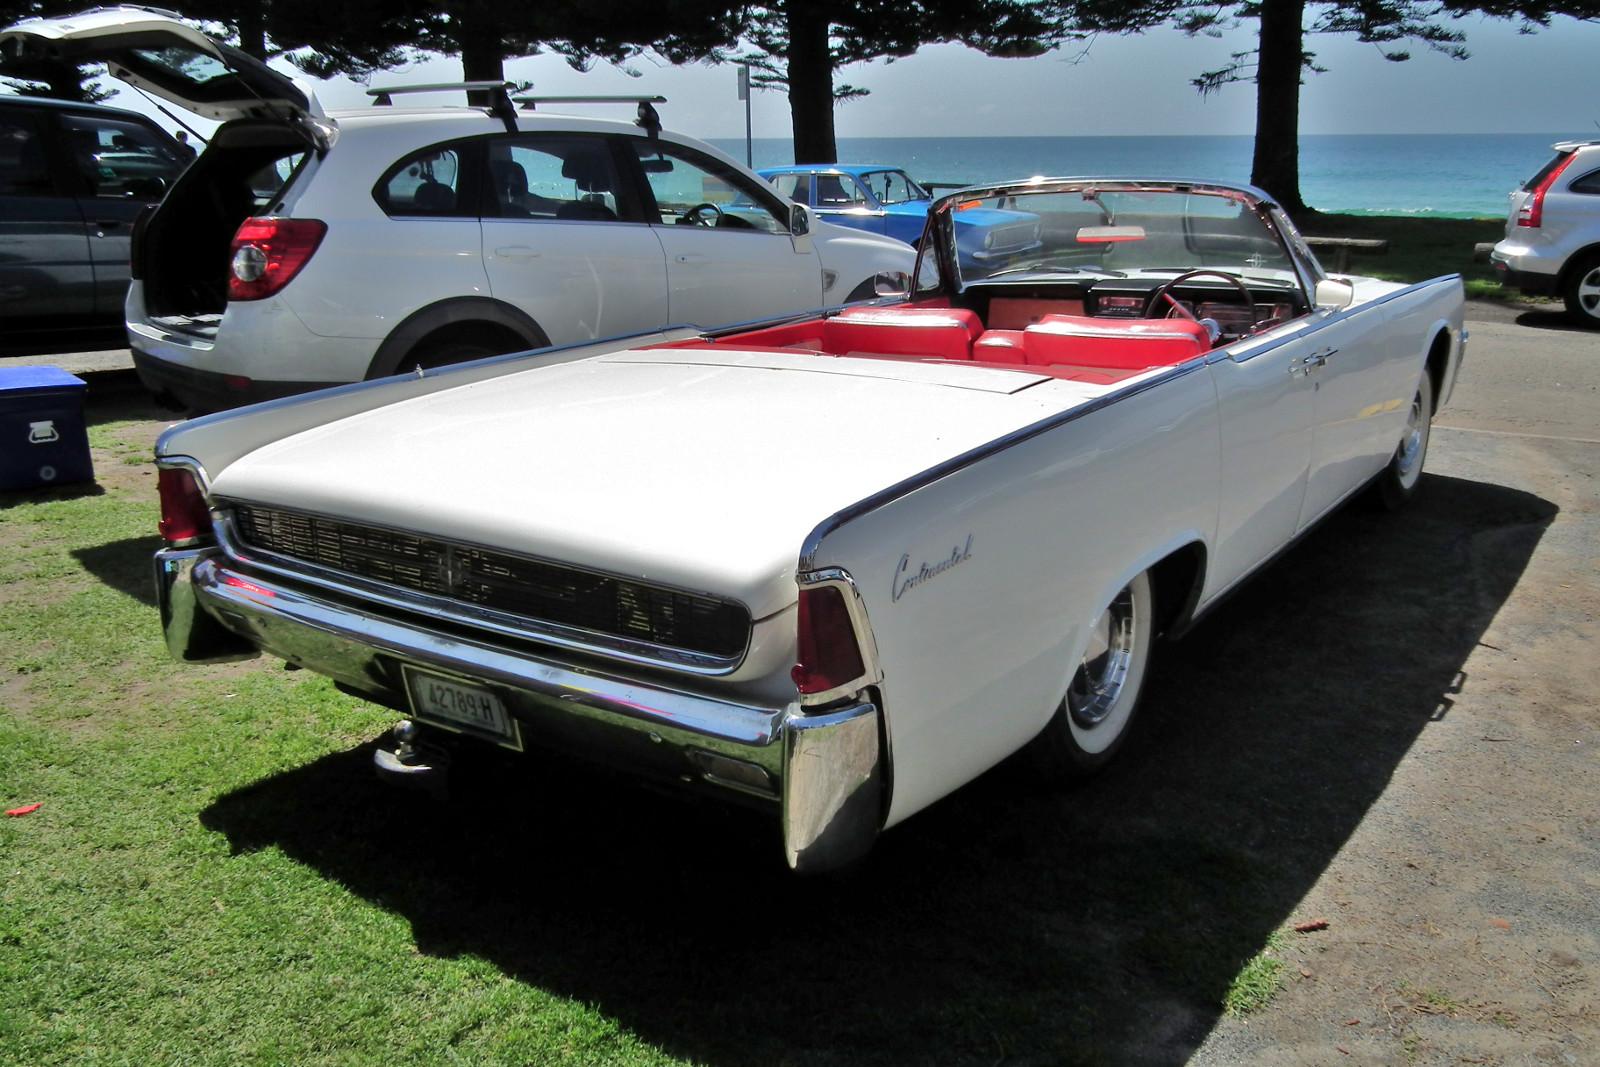 Lincoln Continental - Foto: SV1ambo